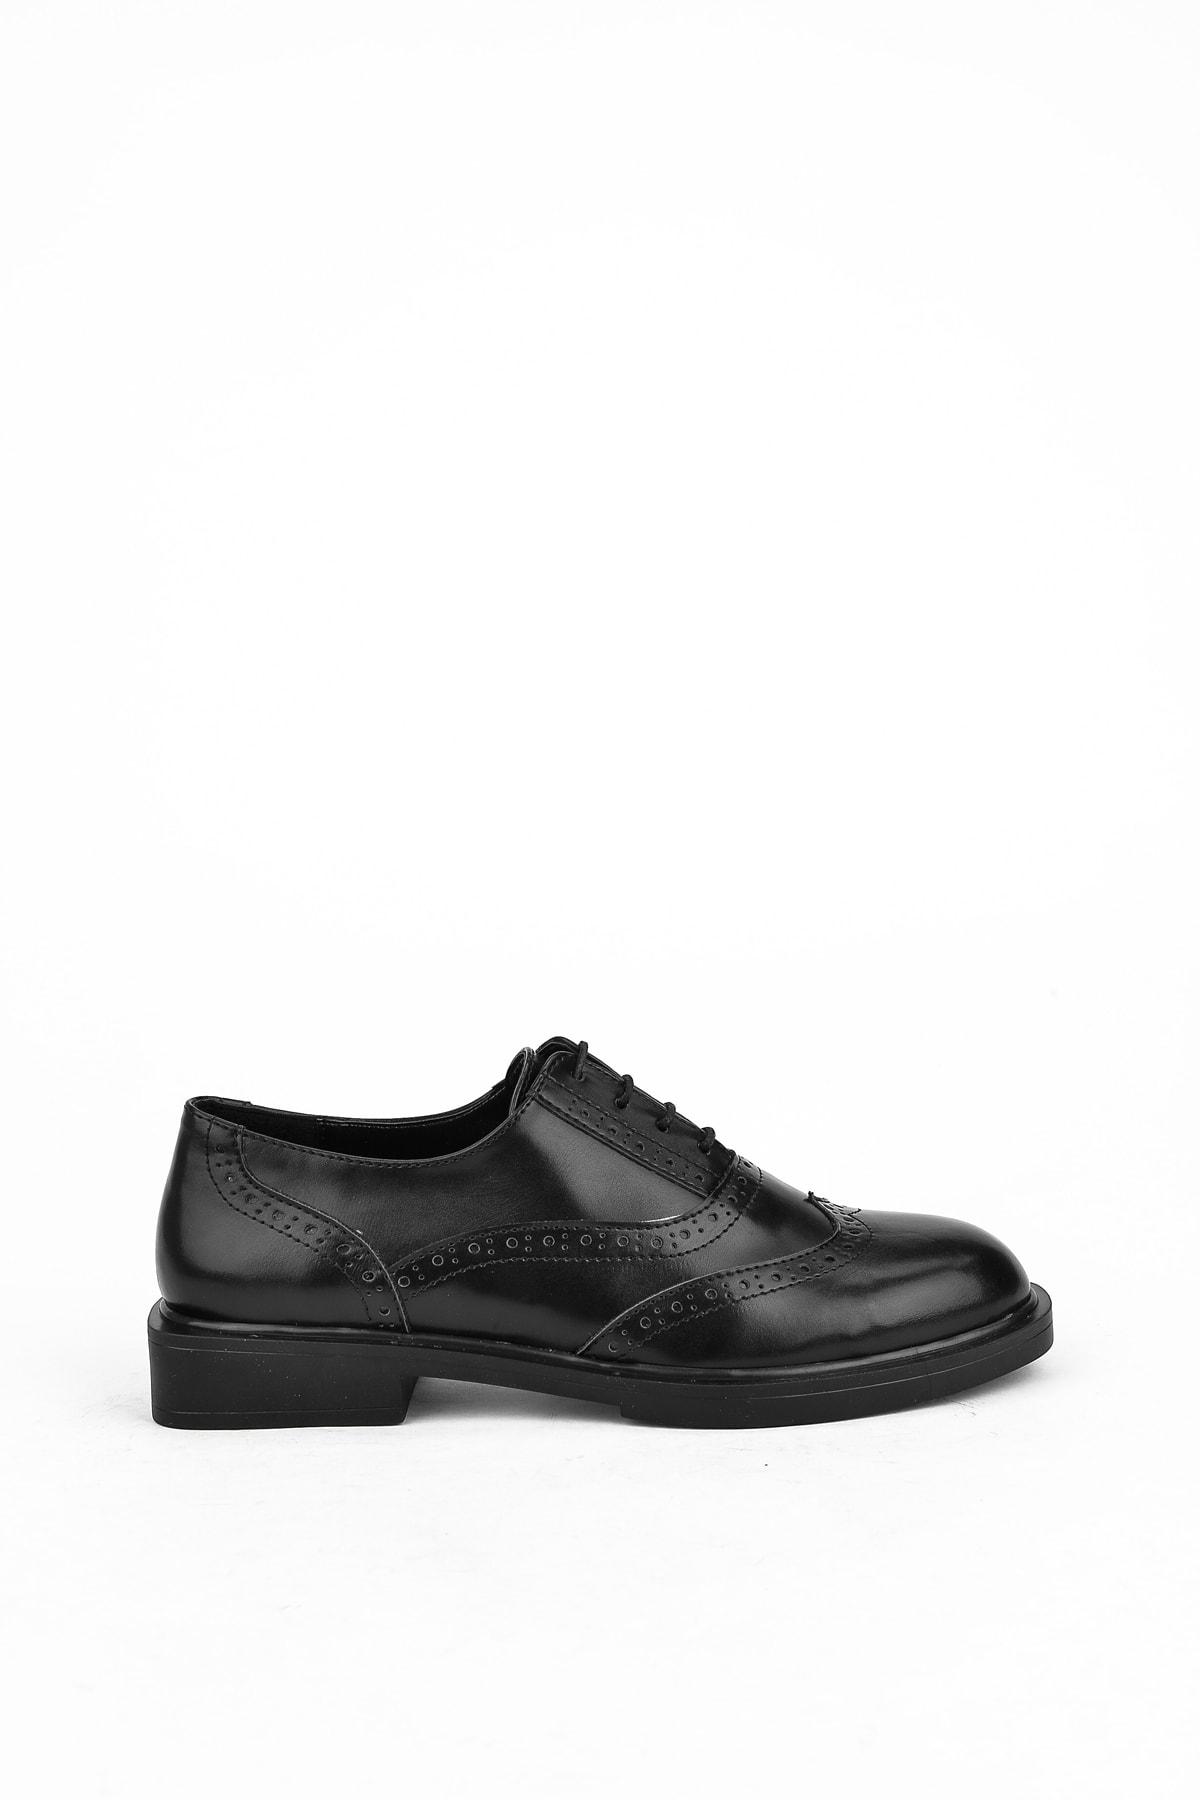 Ziya Kadın Siyah Günlük Ayakkabı